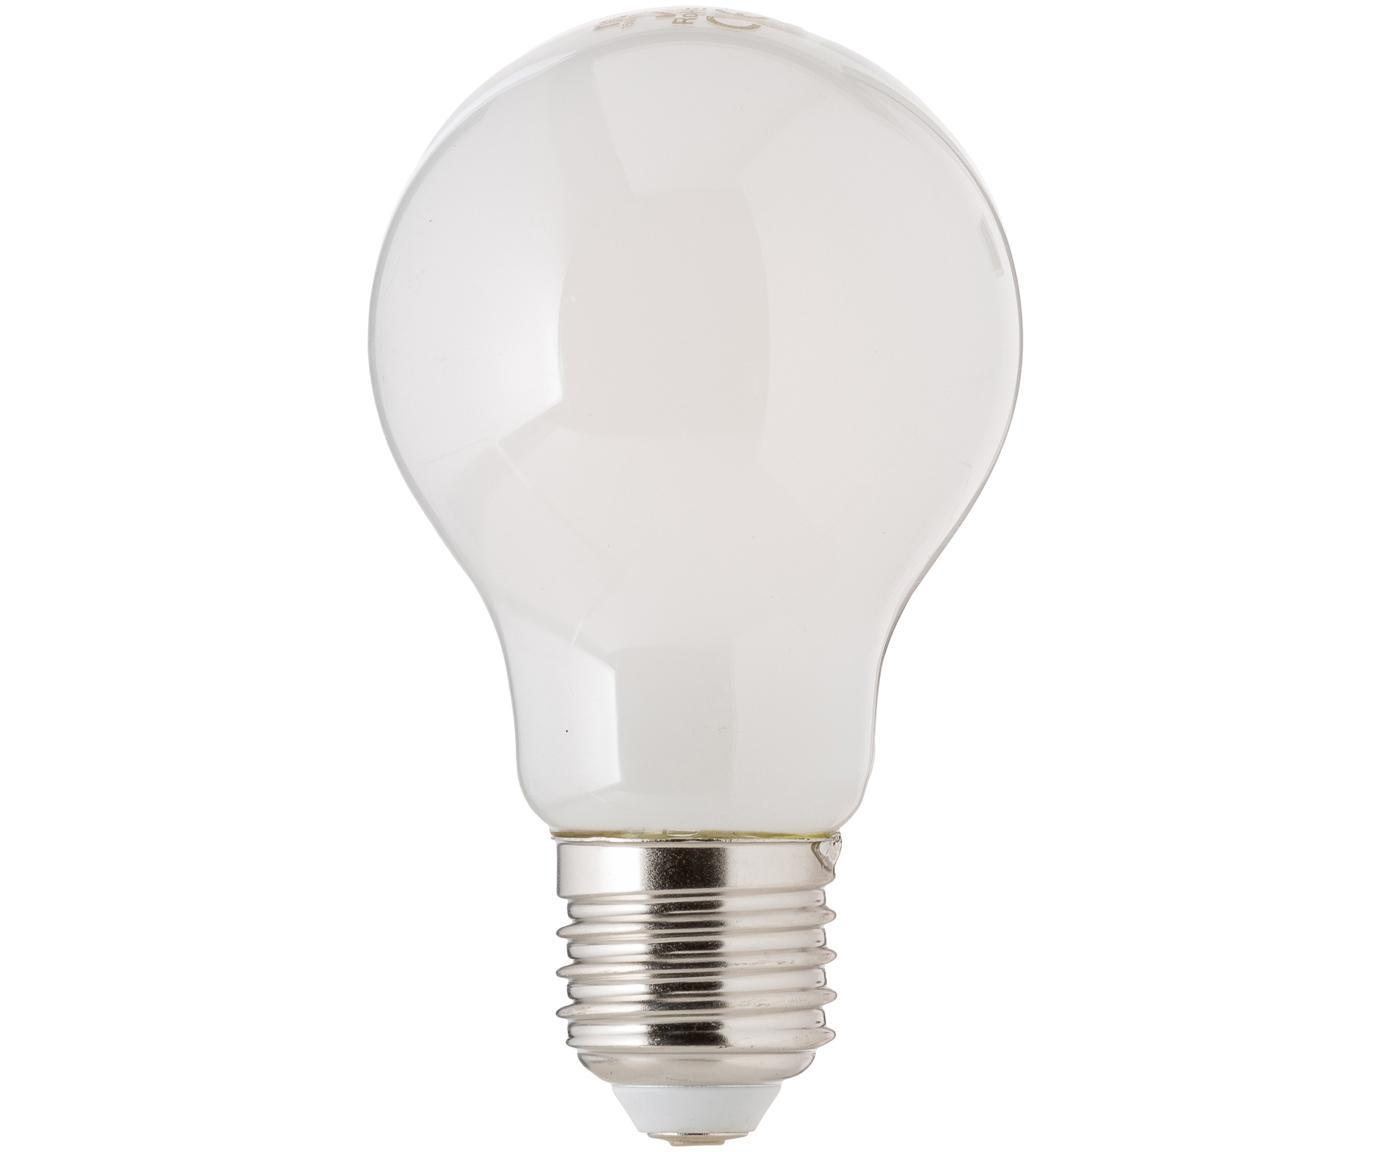 Leuchtmittel Hael (E27/4W), Leuchtmittelschirm: Opalglas, Leuchtmittelfassung: Aluminium, Weiss, Ø 8 x H 10 cm